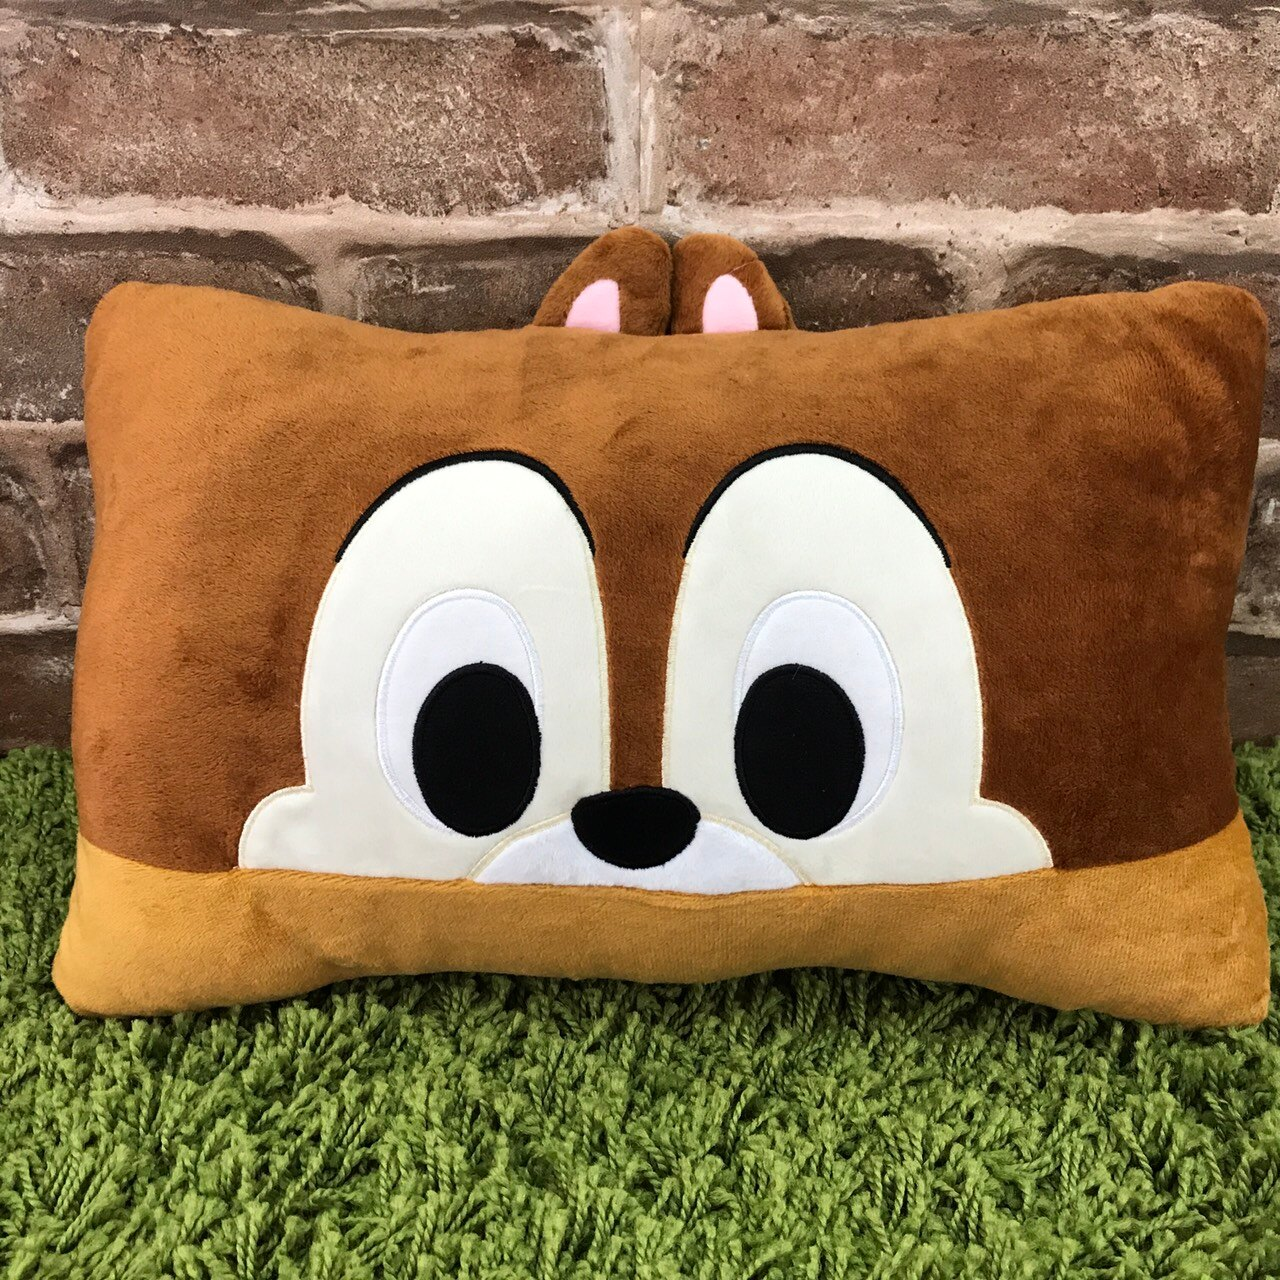 【真愛日本】17090100002 迷你大臉長方枕-奇奇 迪士尼 奇奇蒂蒂 花栗鼠 松鼠 小枕頭 抱枕 靠墊